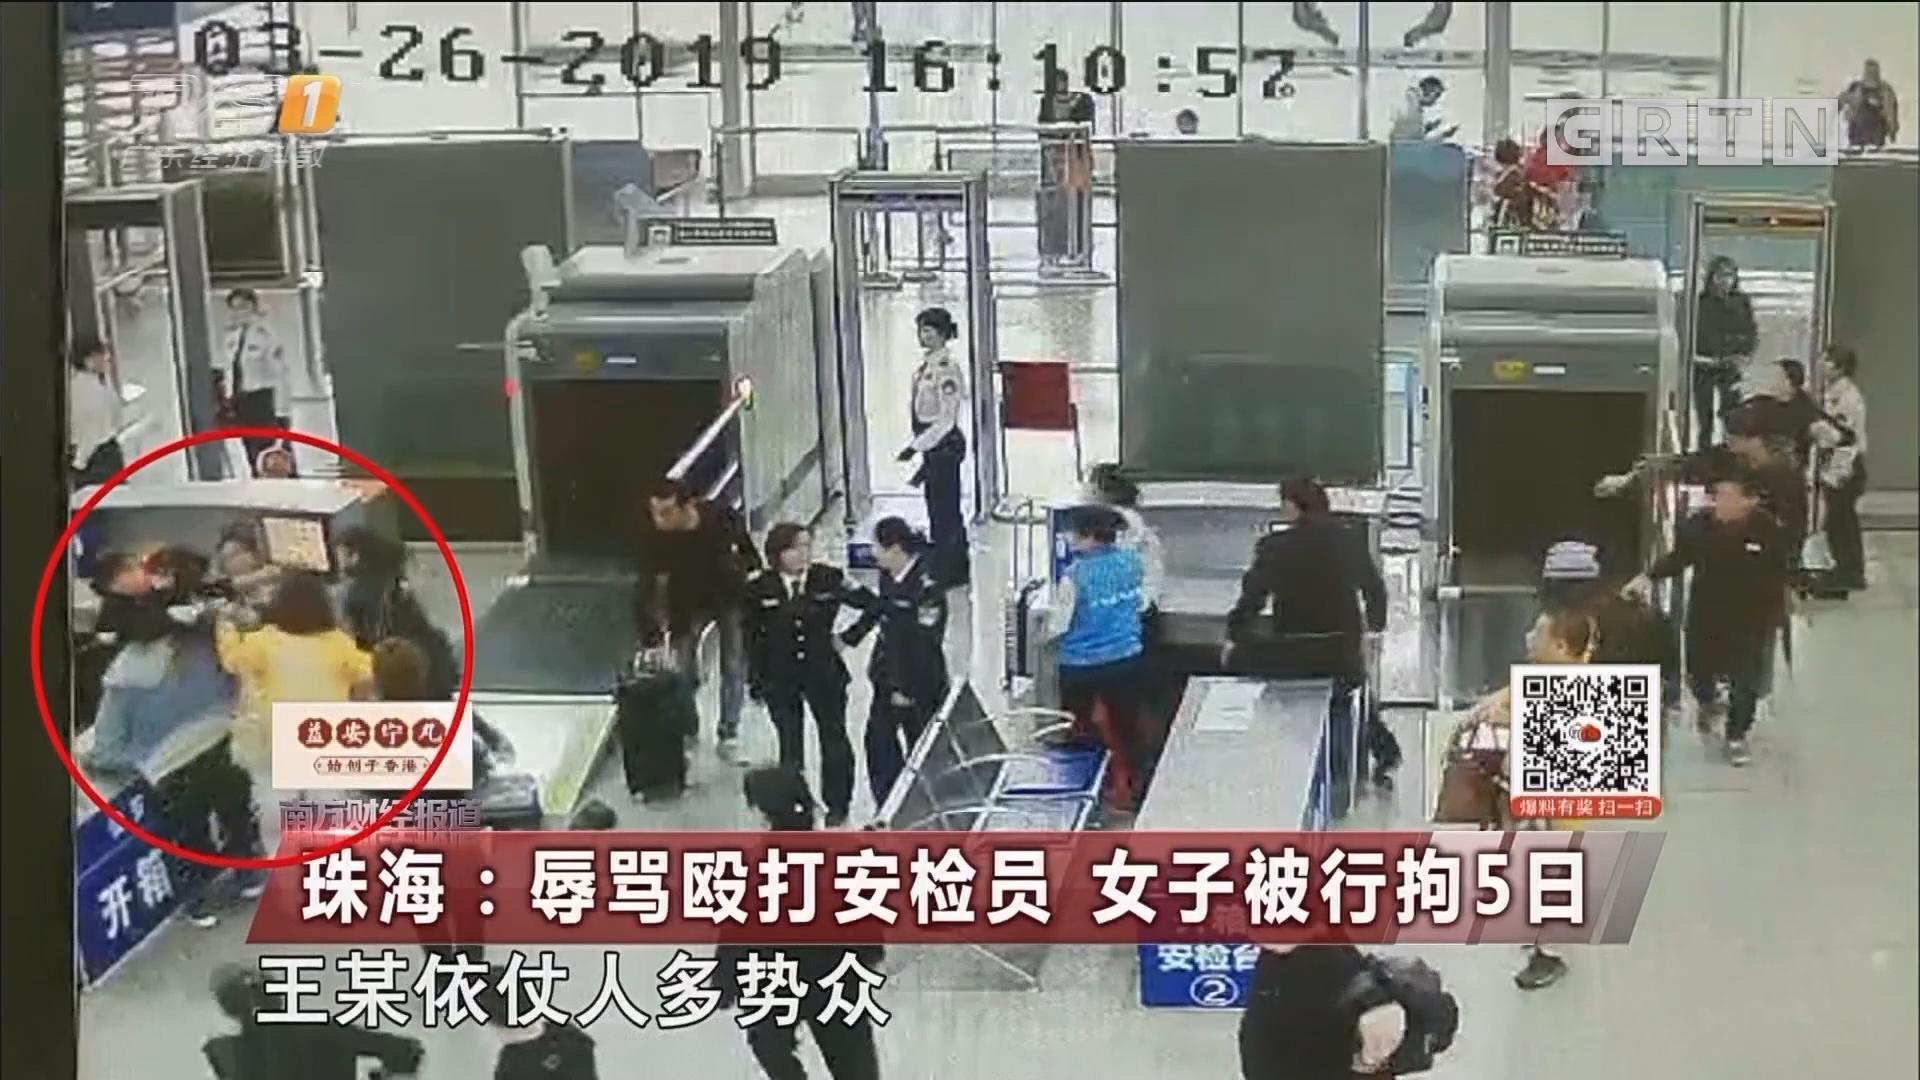 珠海:辱骂殴打安检员 女子被行拘5日